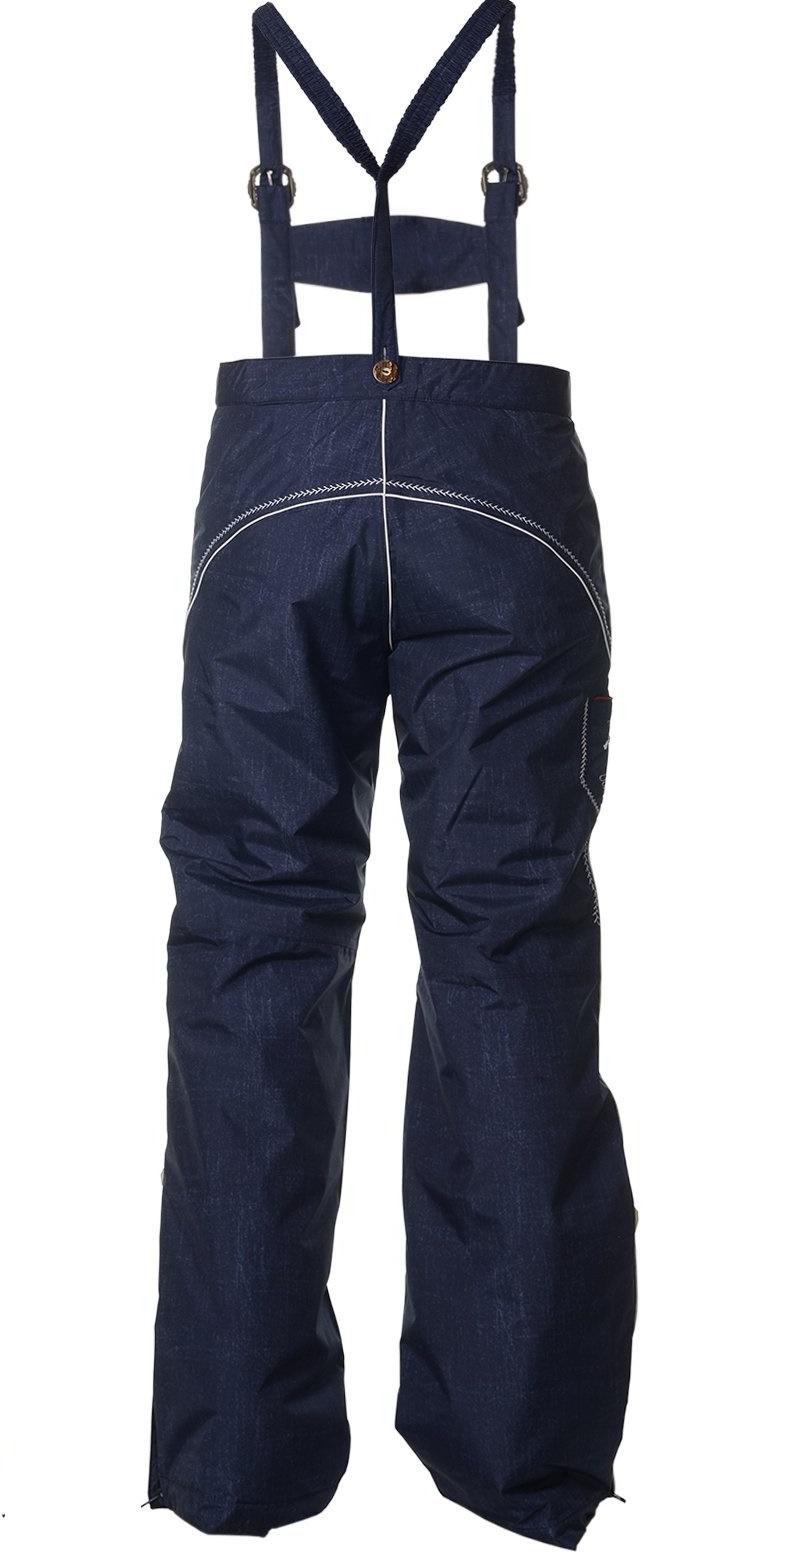 Мужская горнолыжная одежда Almrausch Lois 121326-1801 фото